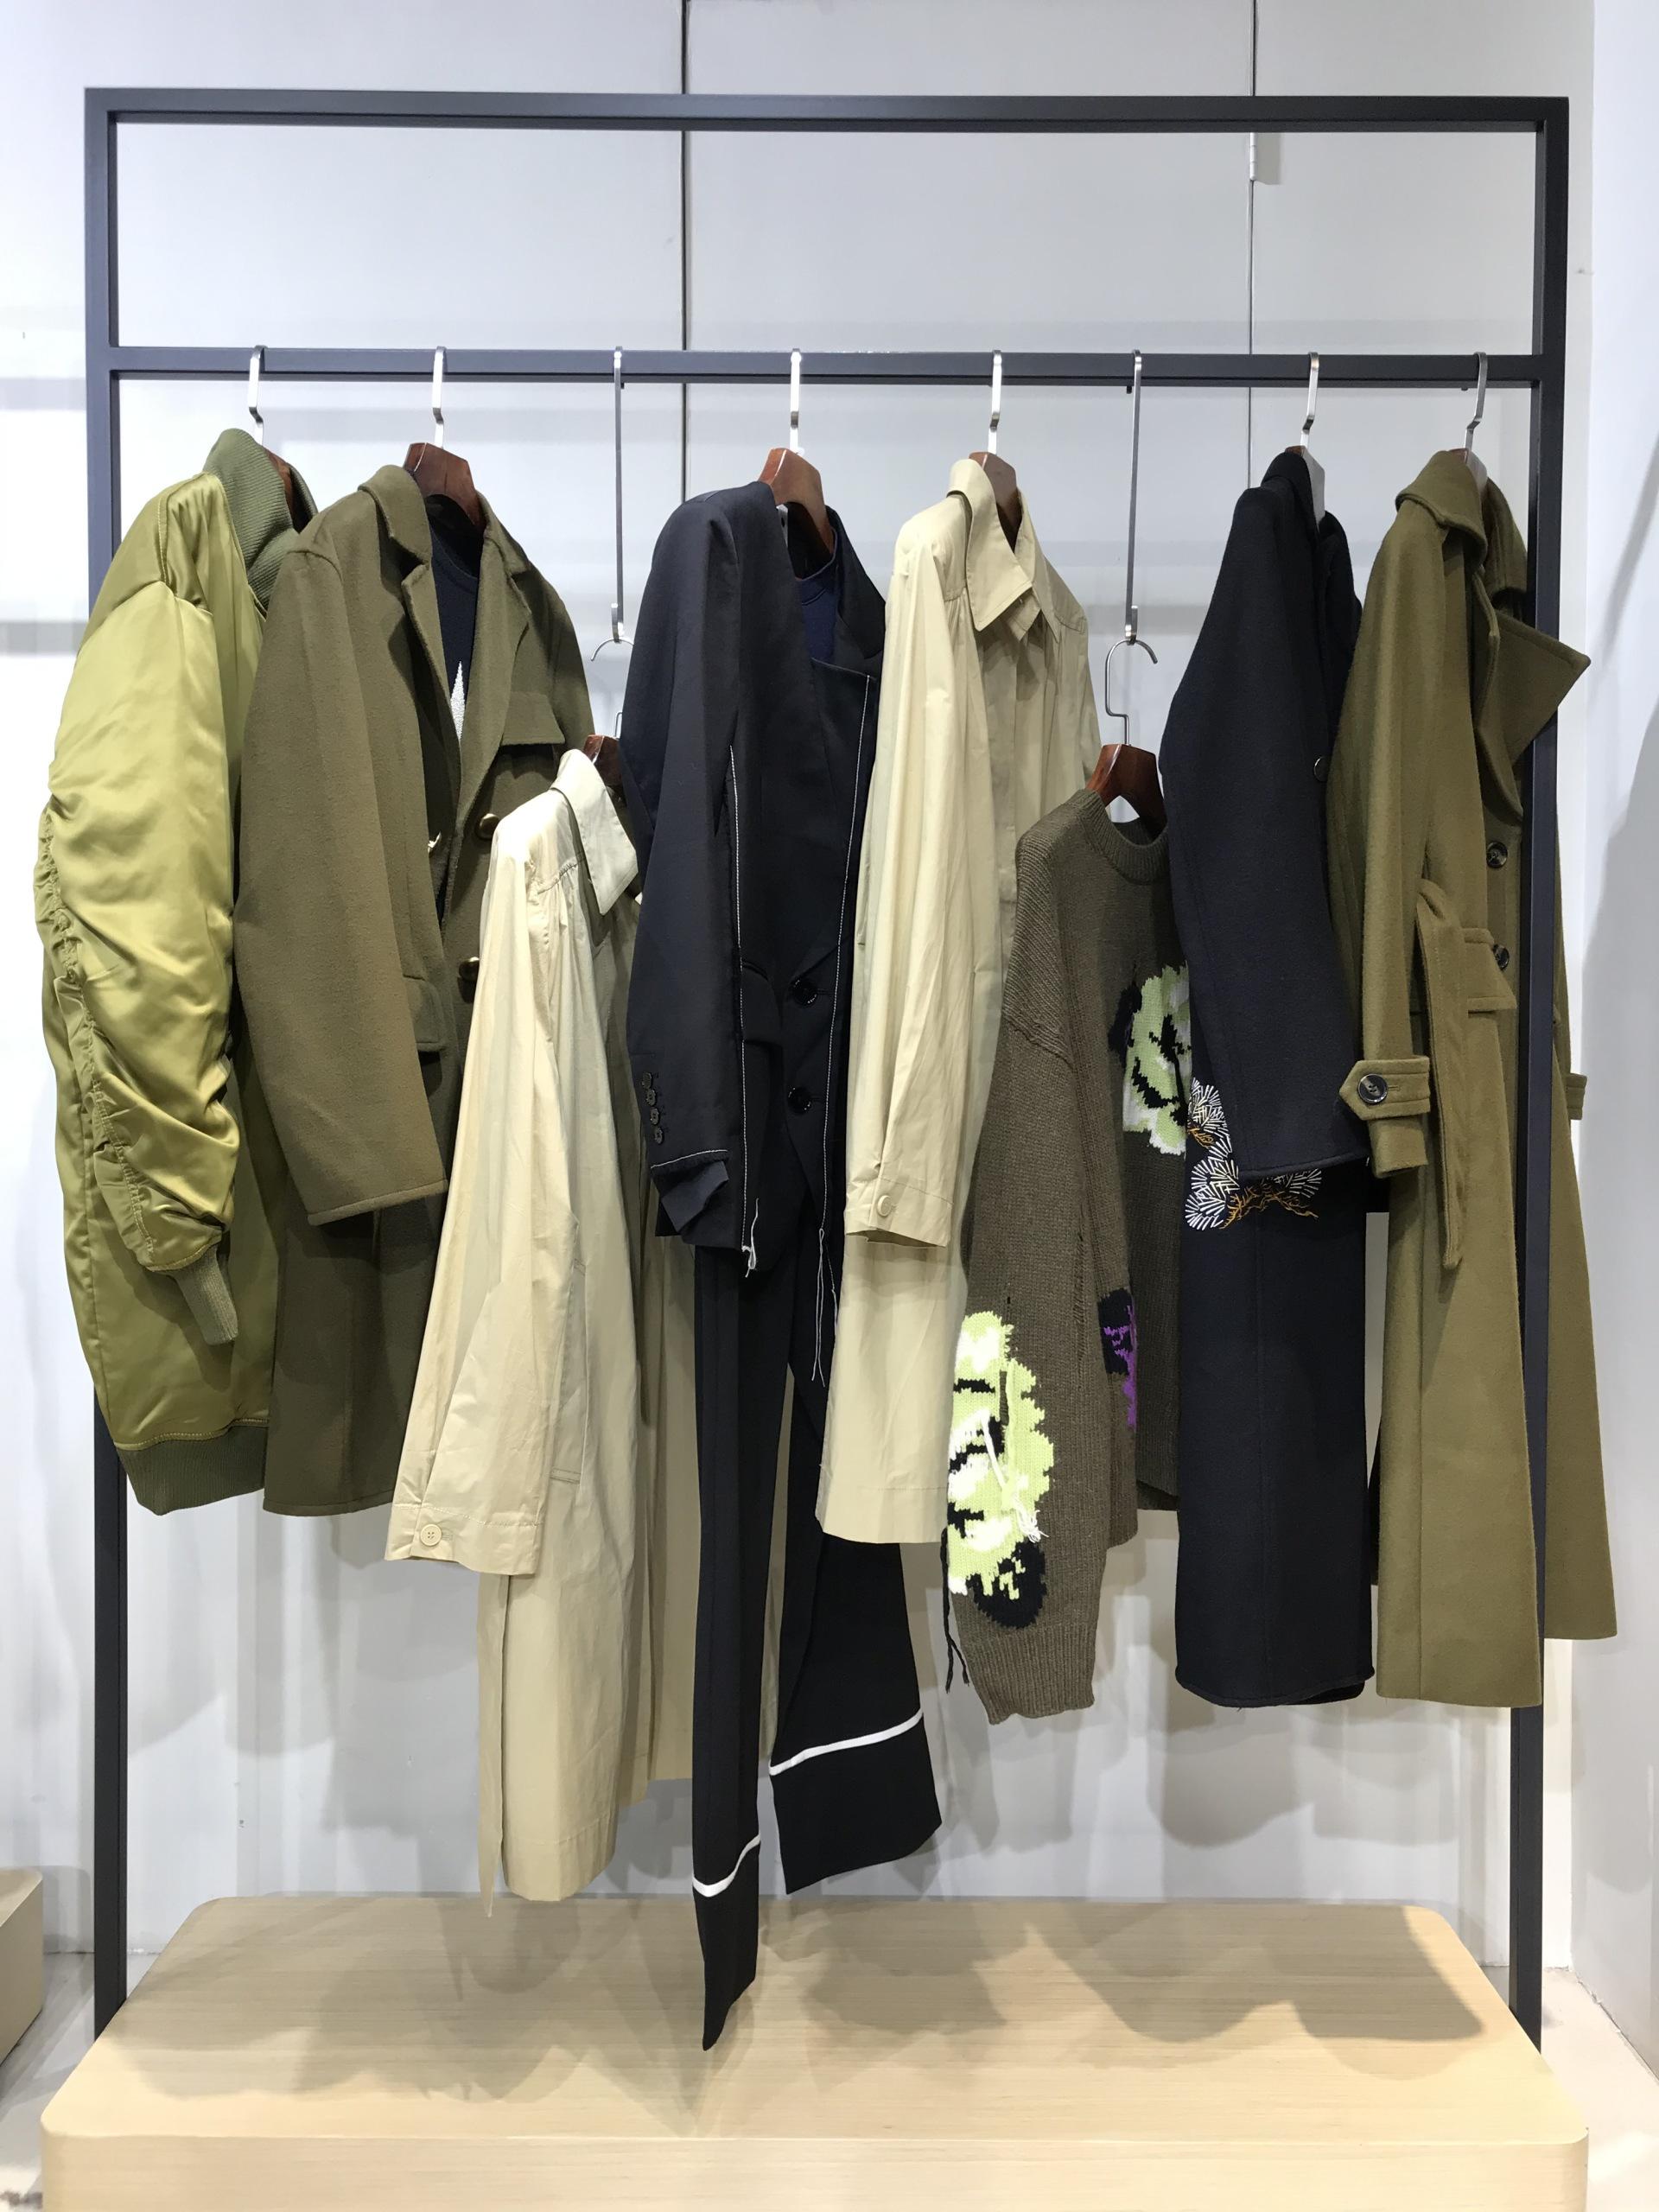 【MO&Co.摩安珂】21冬 入驻万达专柜 90白鸭绒大码羽绒服 实体必备穿搭示例图8